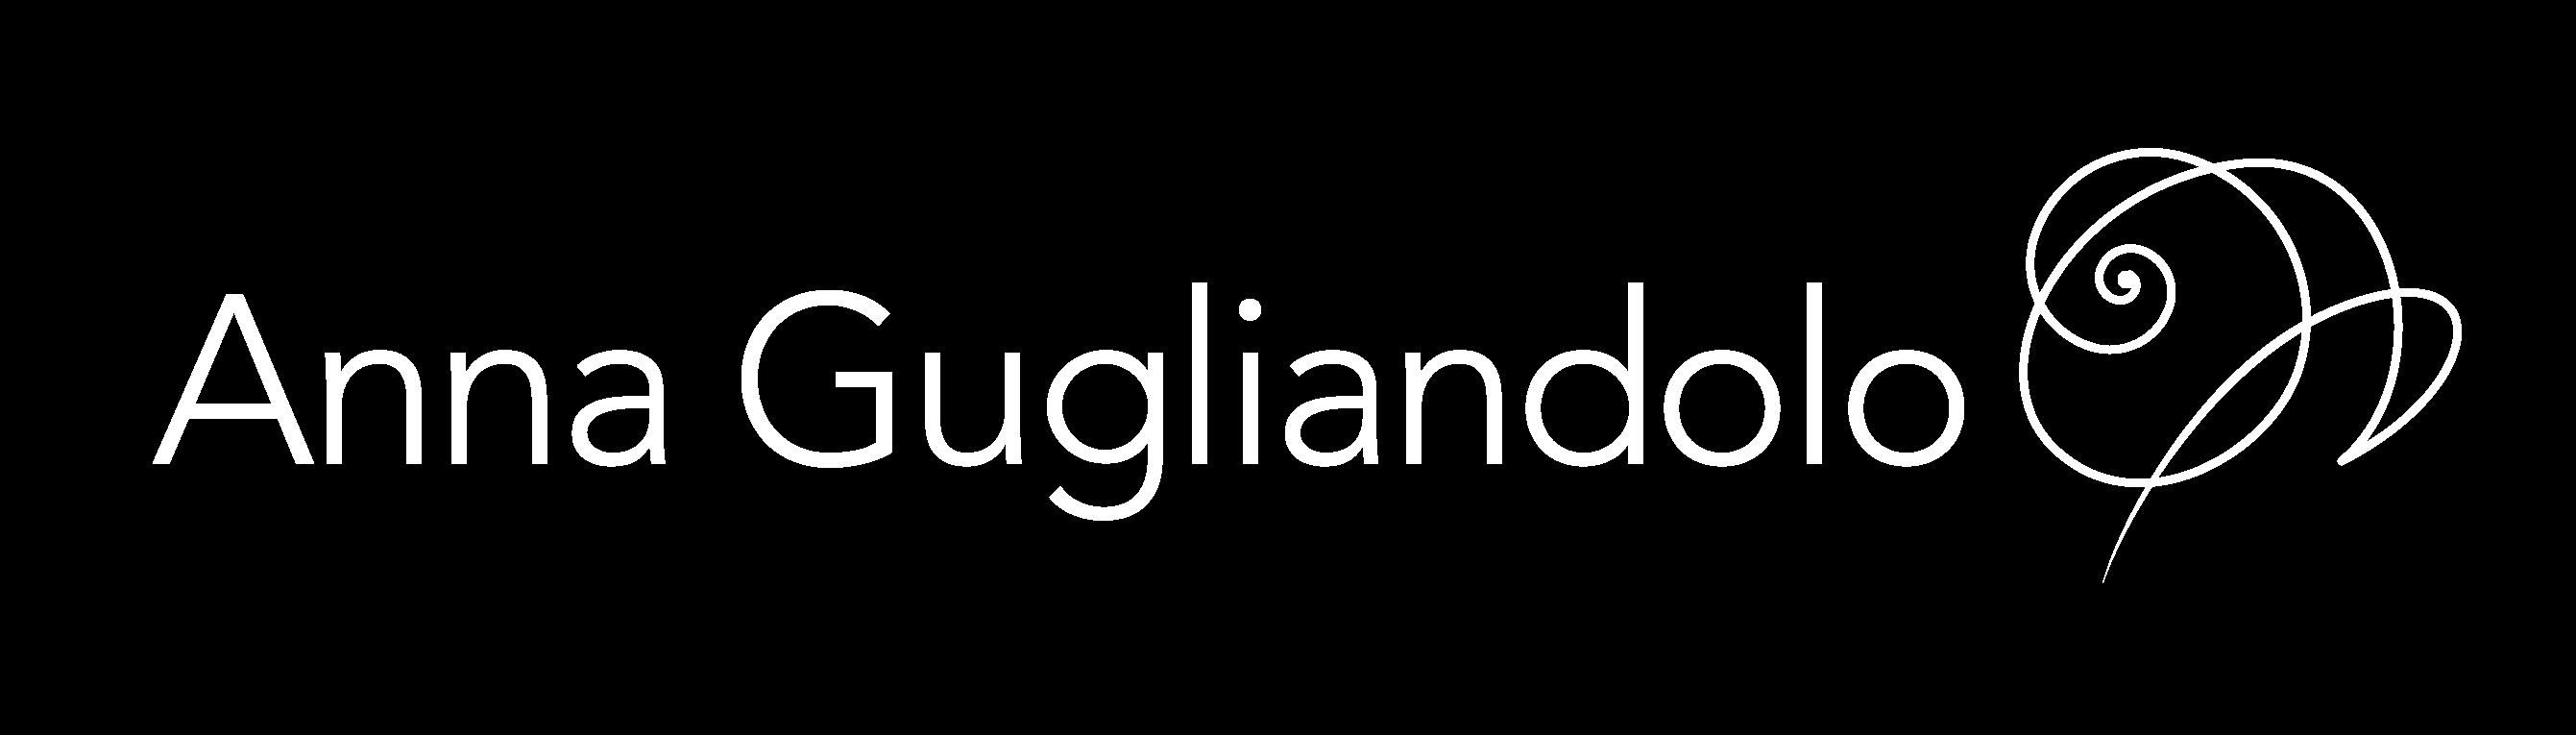 anna-Gugliandolo Logo_bianco